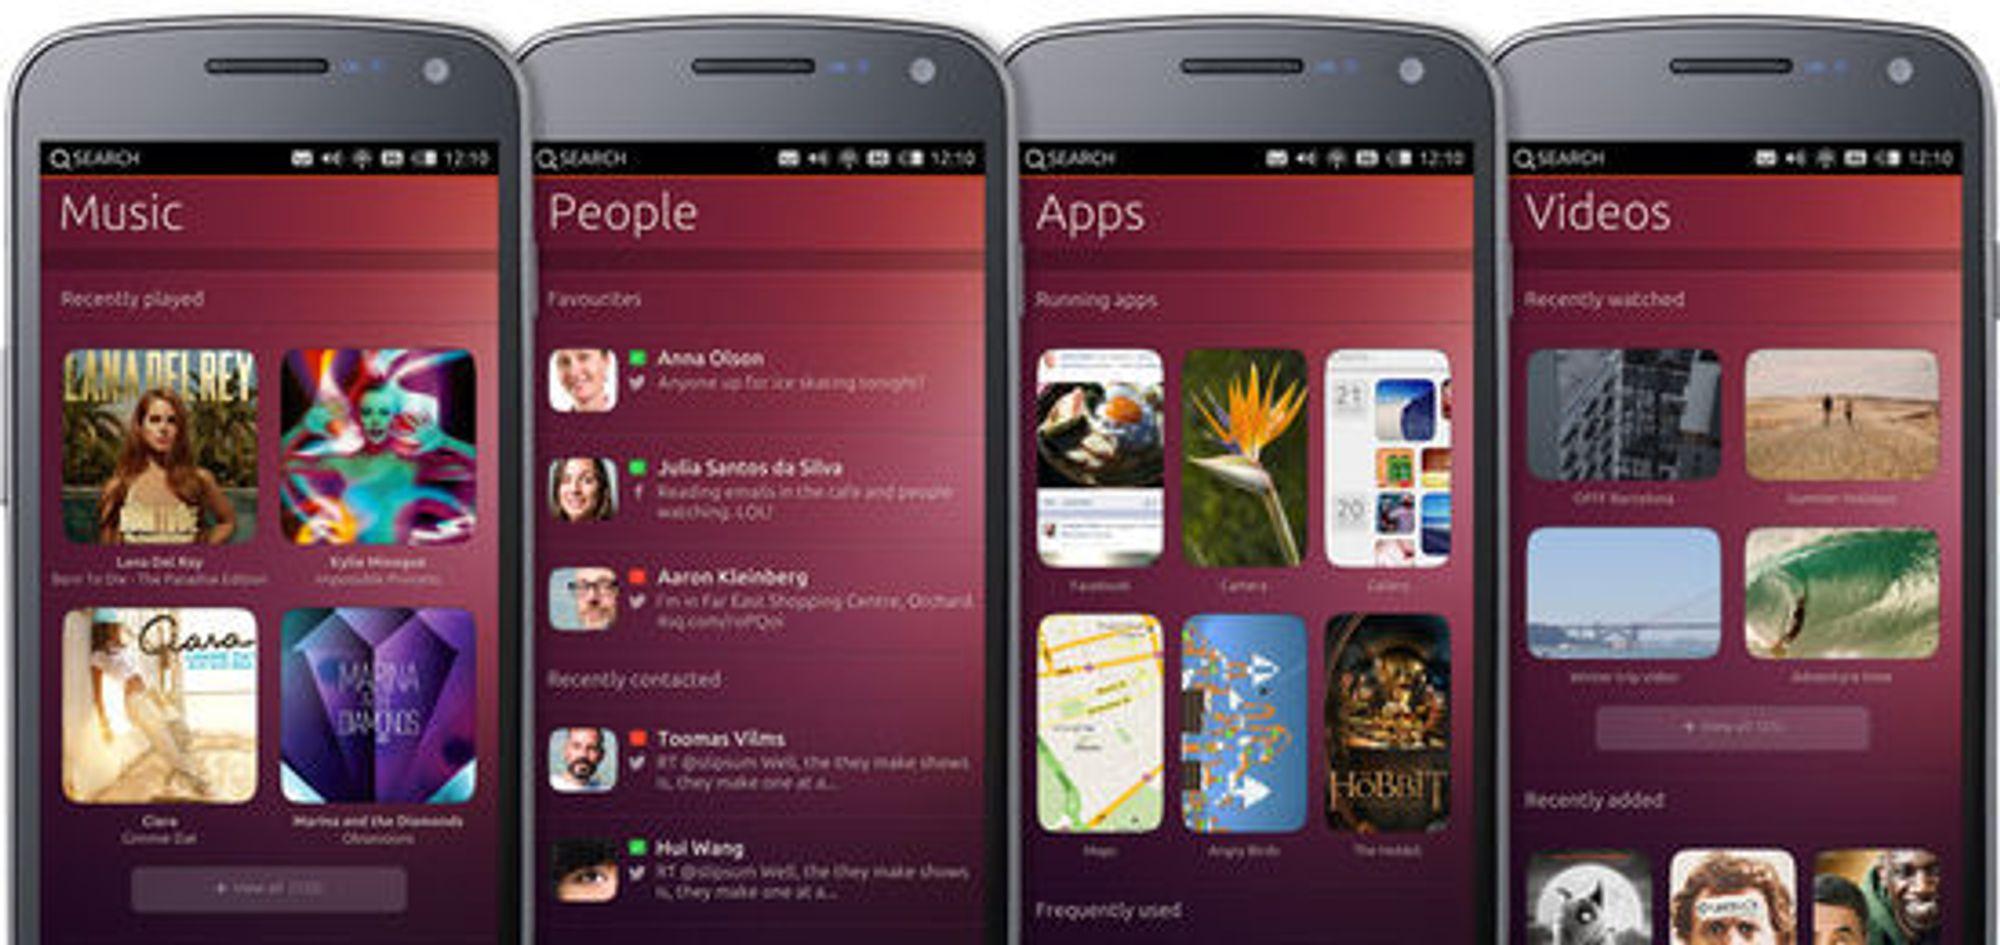 Dersom man sveiper over skjermen, kommer man til oversiktsvinduer med mye brukt innhold, for eksempel kontakter, musikk, videoer og apper.